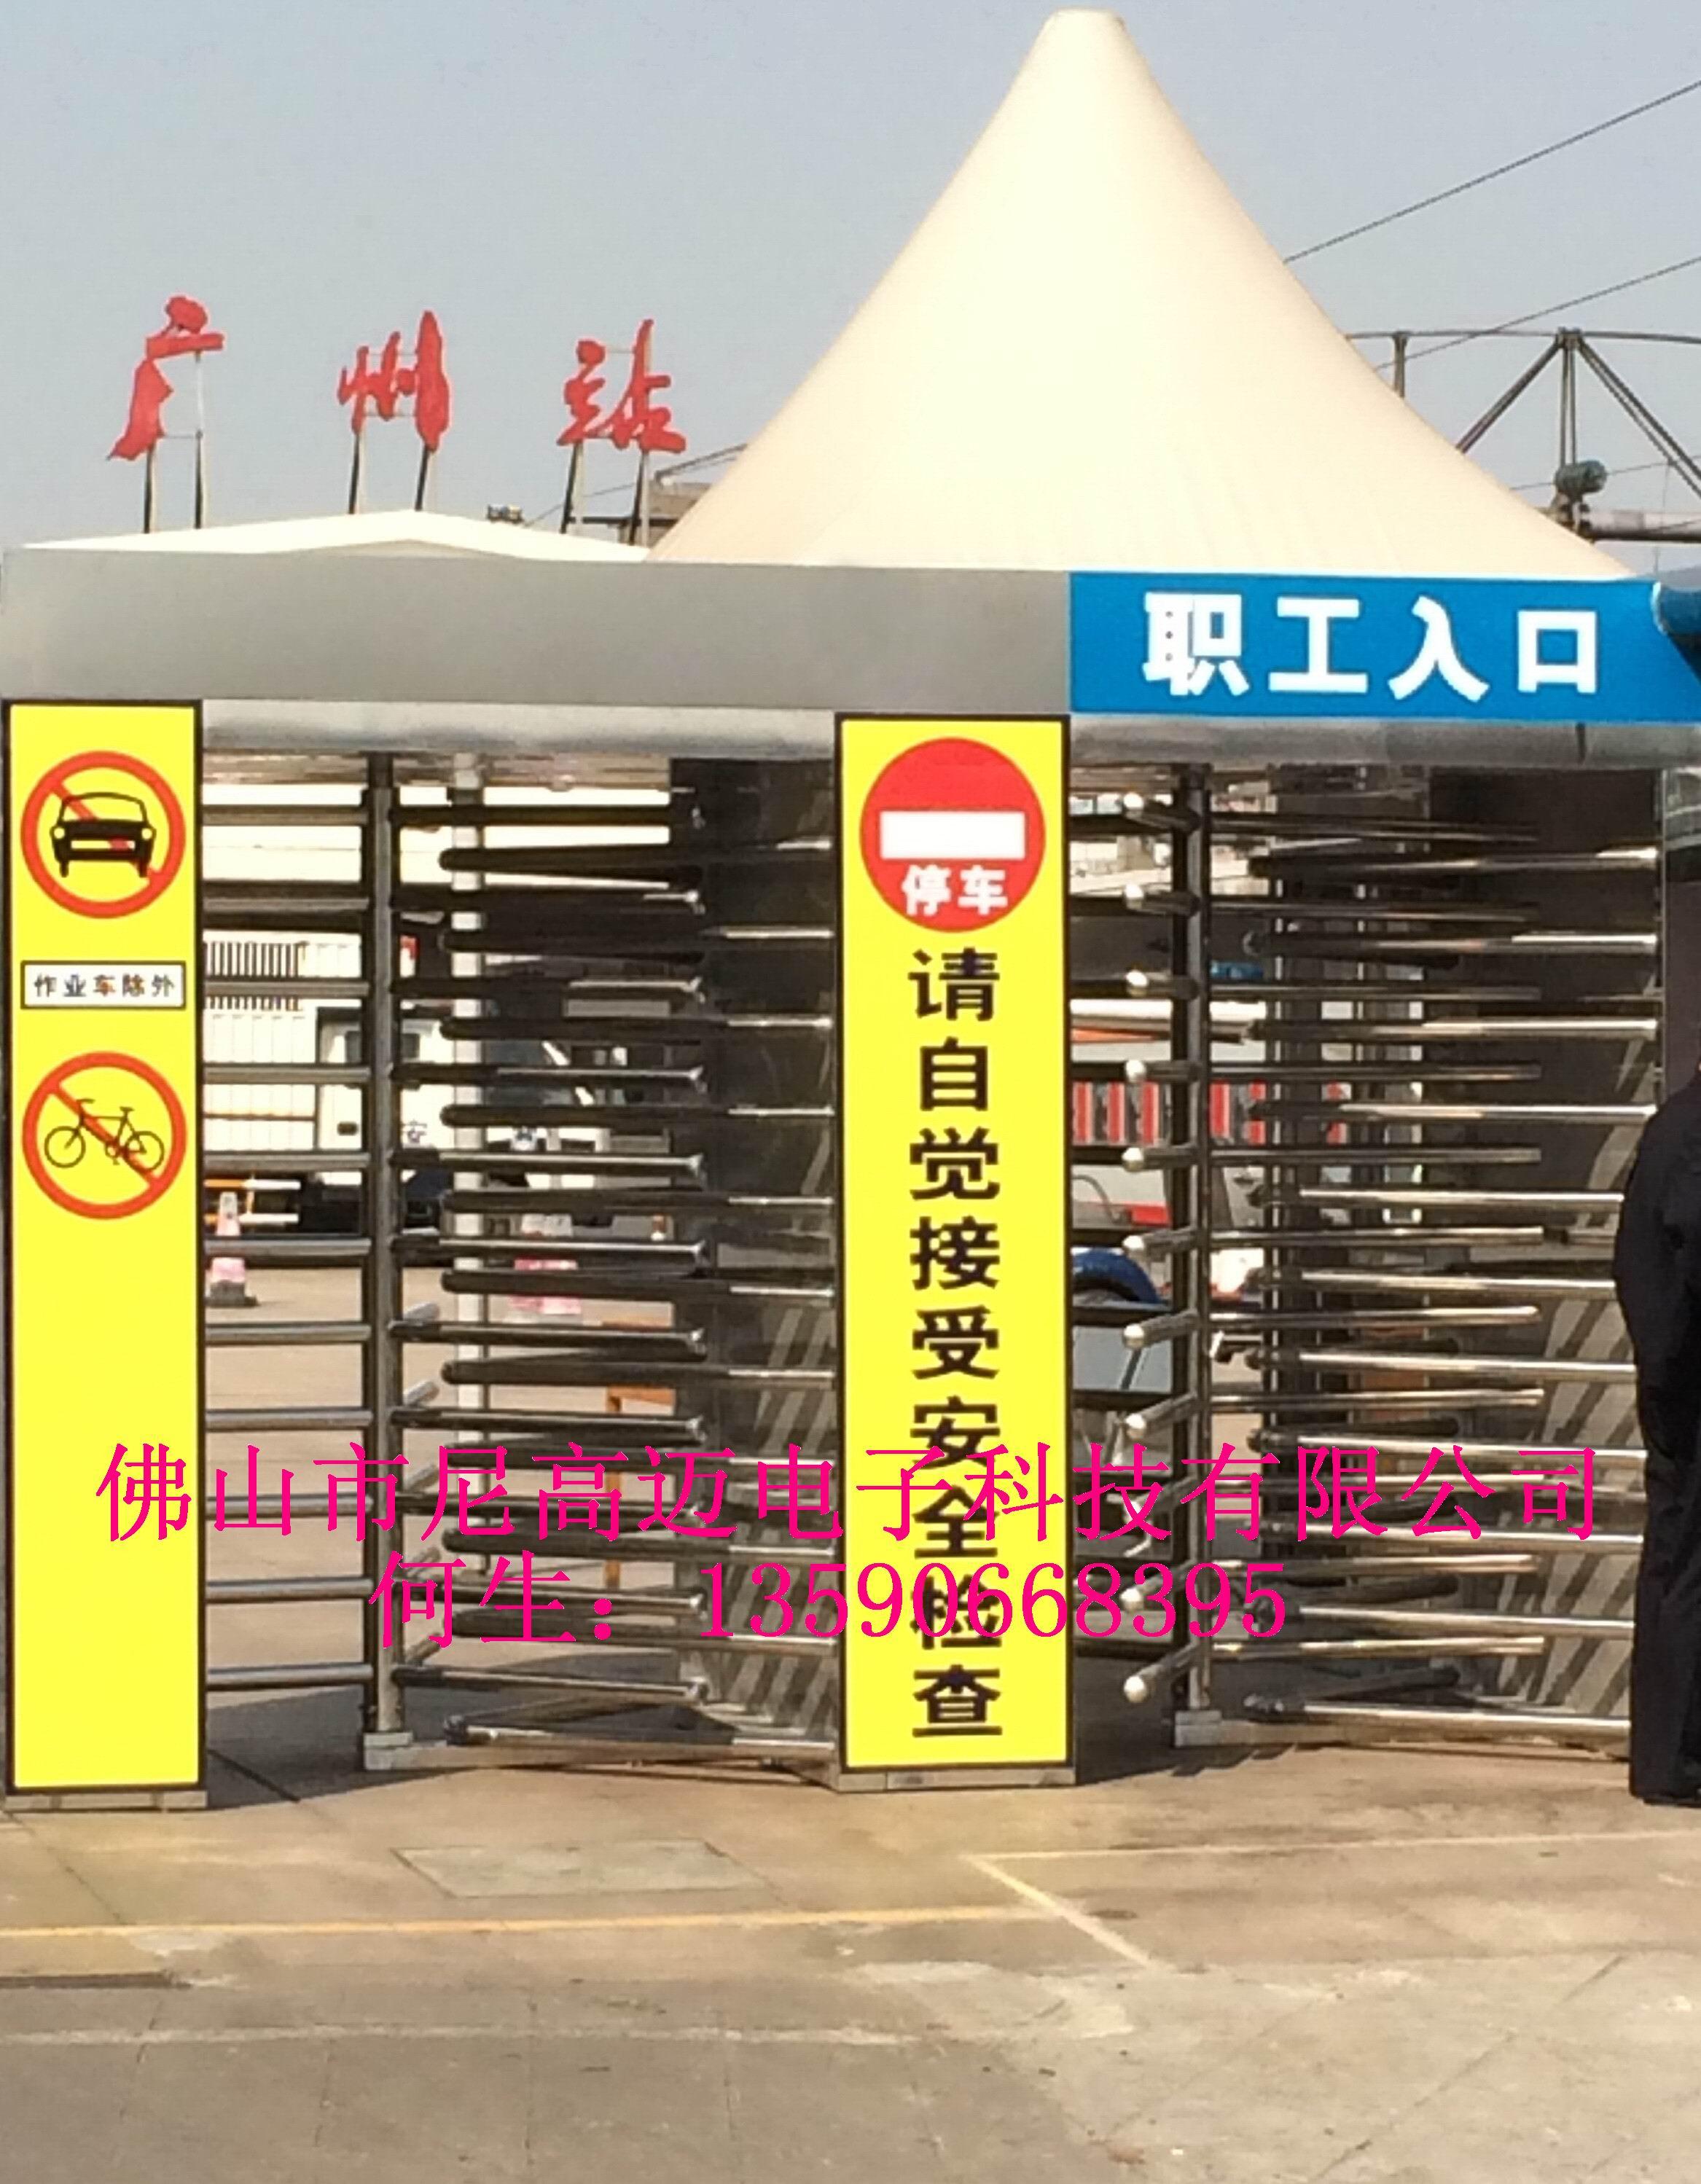 供应火车站单向转闸、不锈钢矩形门、河南车站单向疏状门、小区十字转闸门、校园高安全栅栏式滚闸门